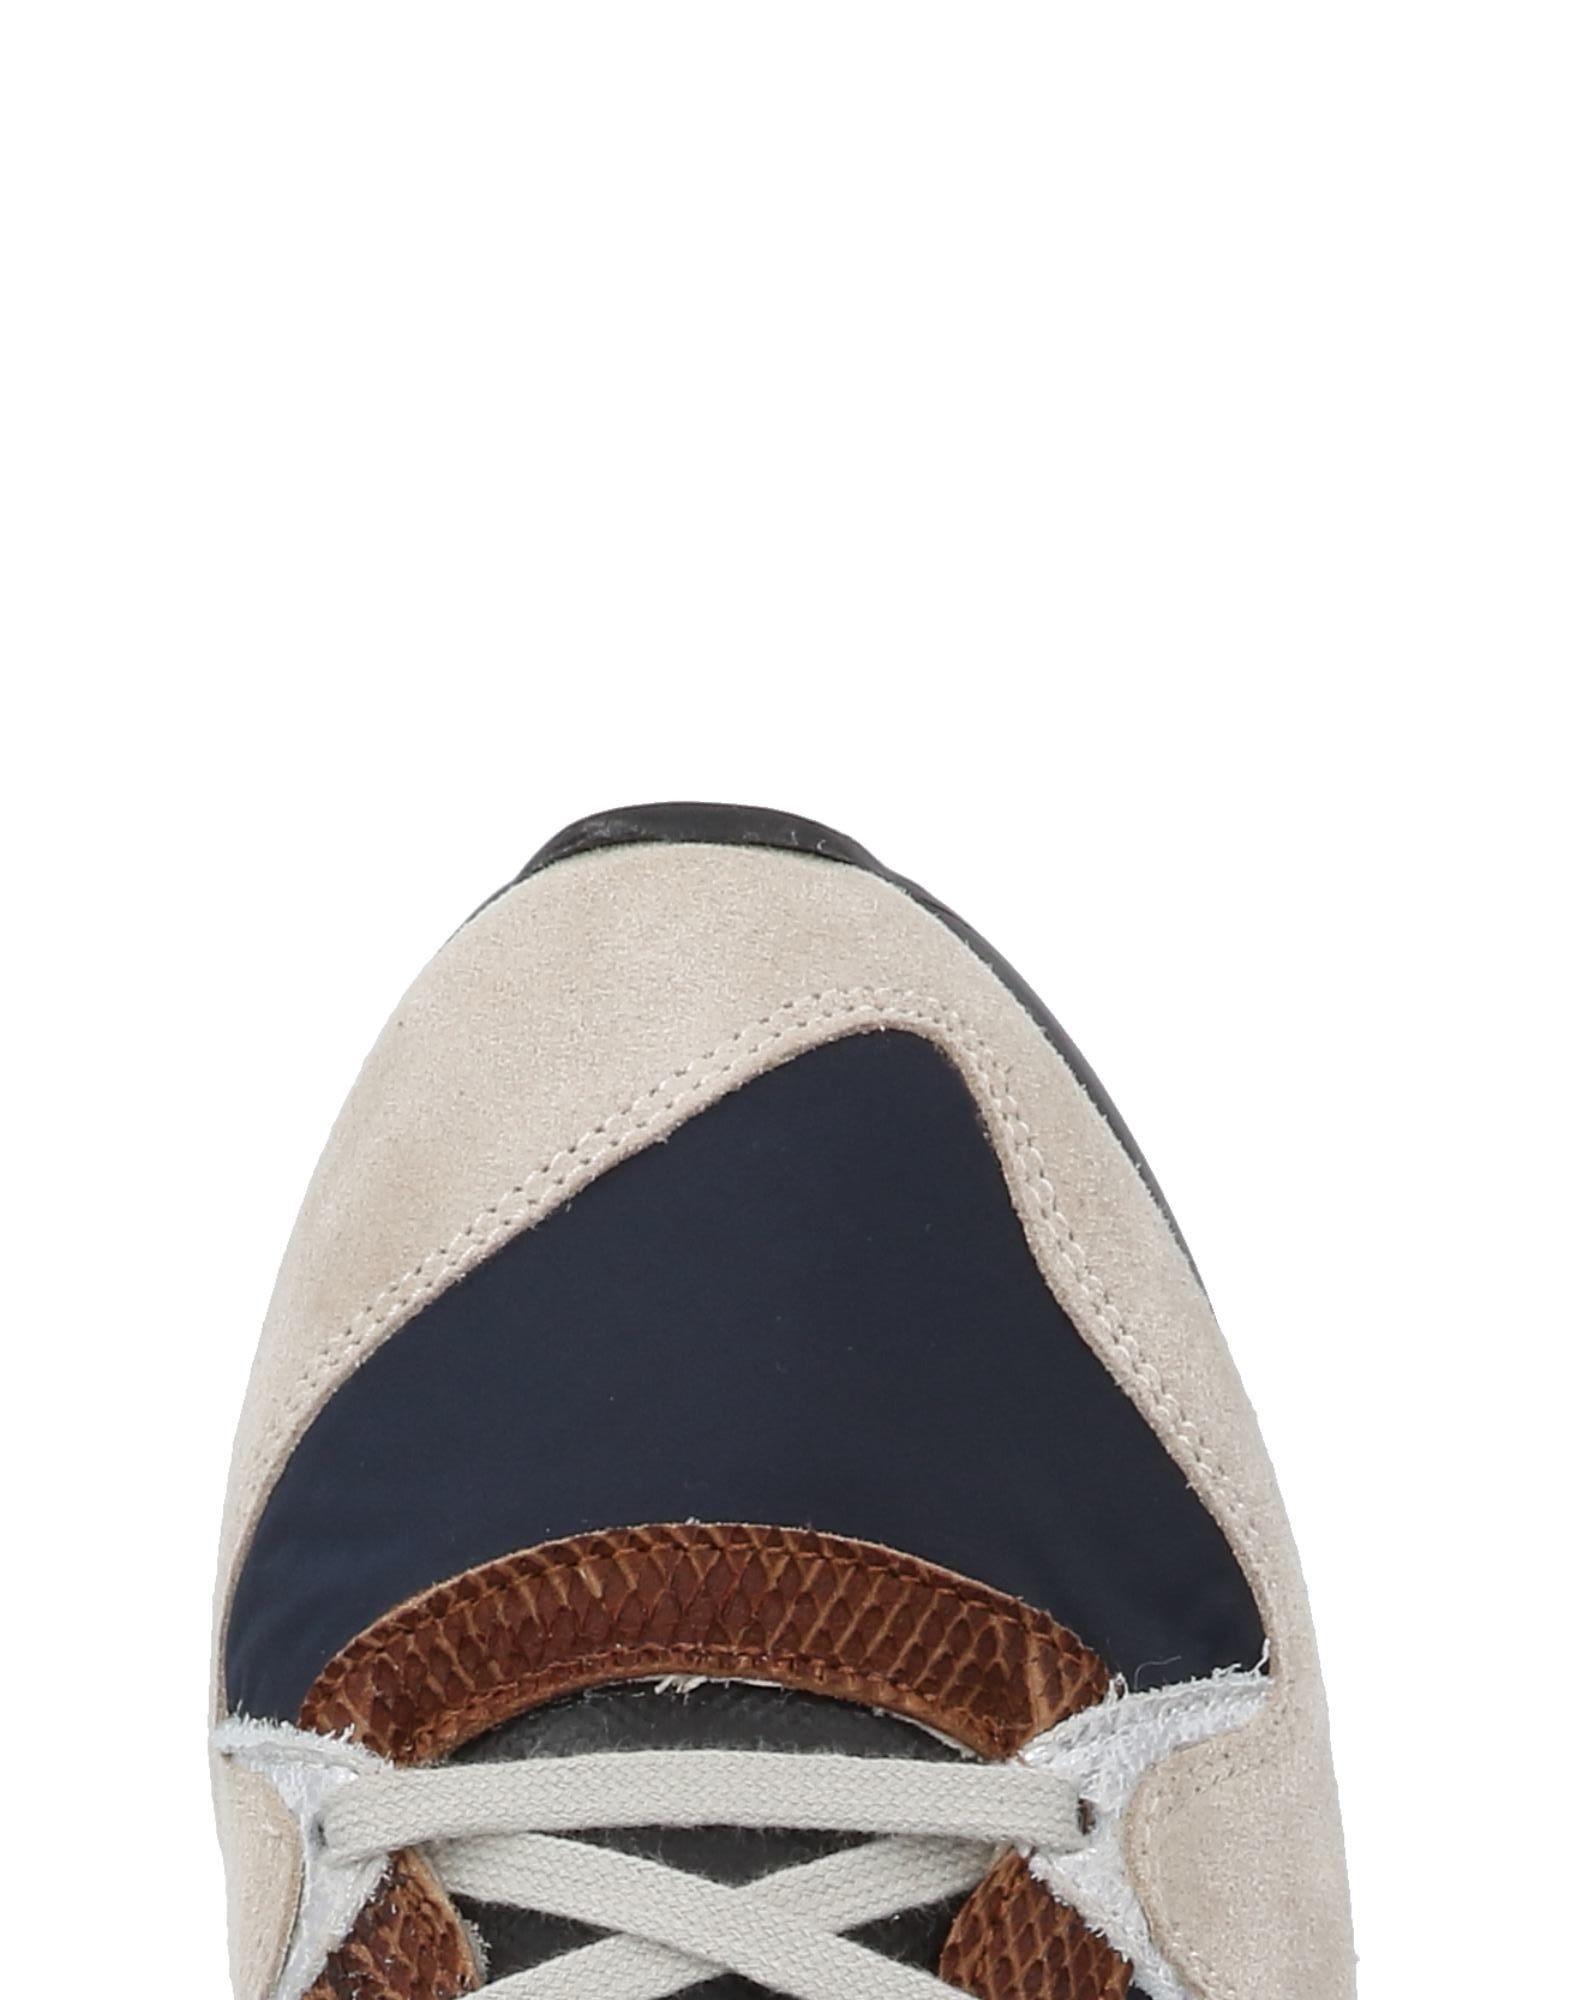 P448 Sneakers lohnt Herren Gutes Preis-Leistungs-Verhältnis, es lohnt Sneakers sich,Billig-18949 5aa605